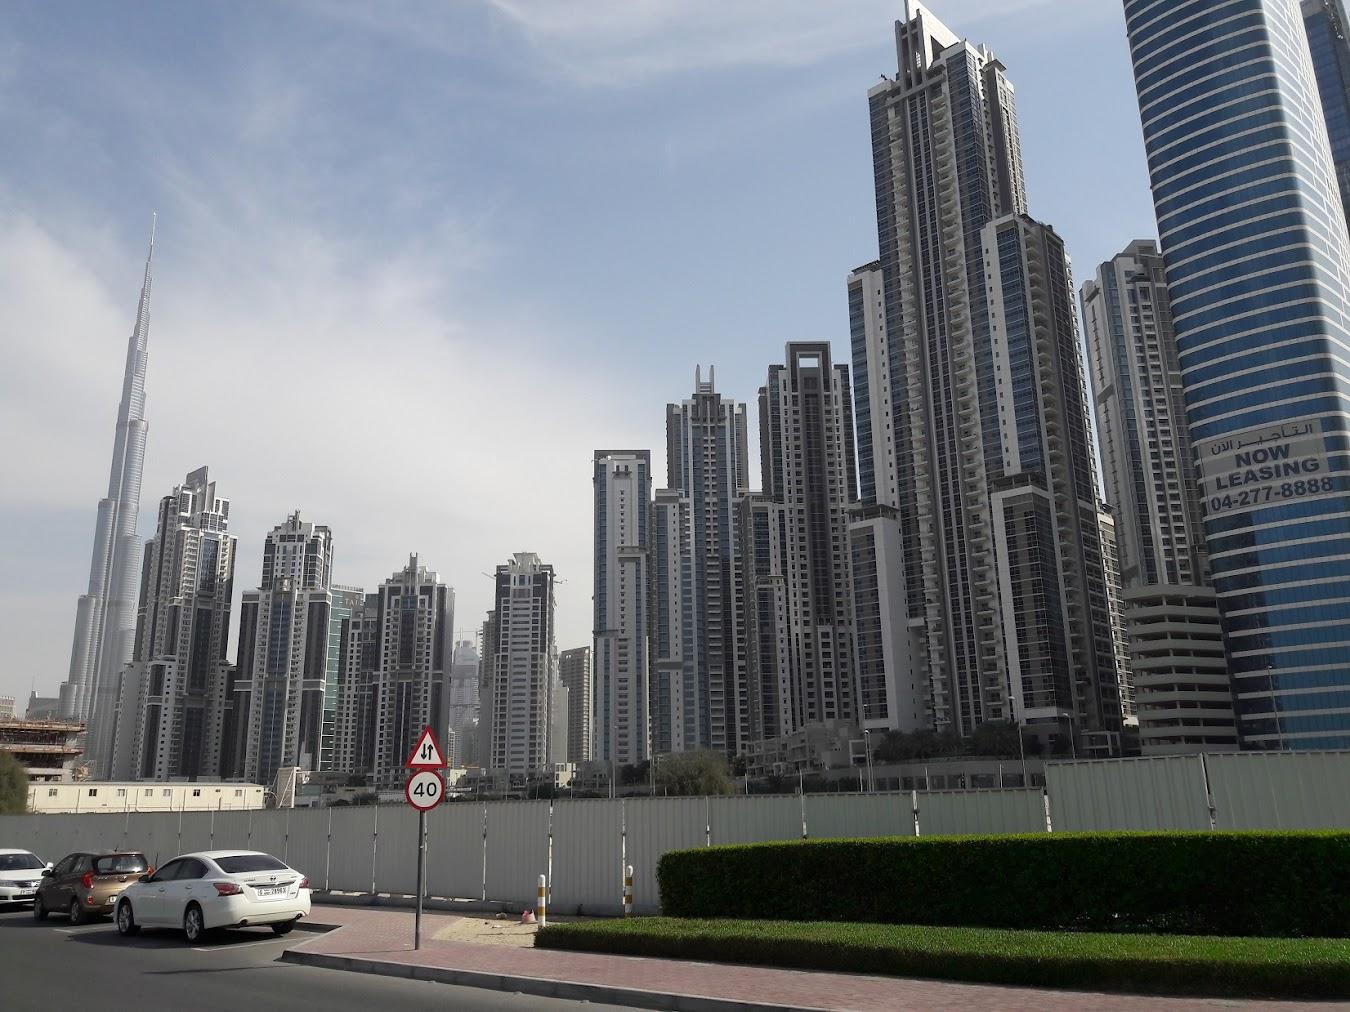 podłącz miejsca w Dubaju Ashton Kutcher i Mila Kunis od jak dawna się spotykają